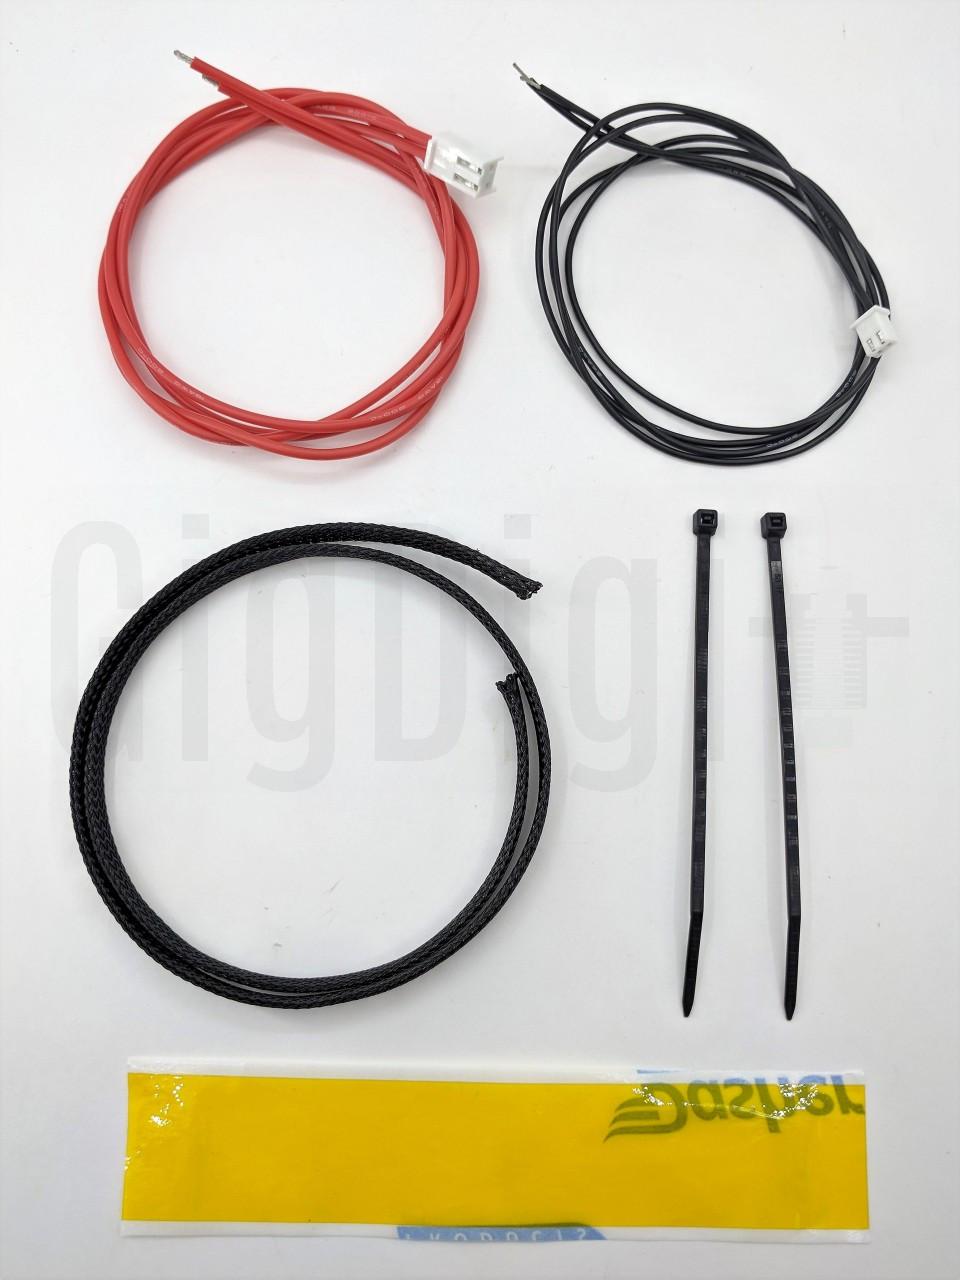 Heat Bed Rewire Kit - Silicone Wire - MP Select Mini